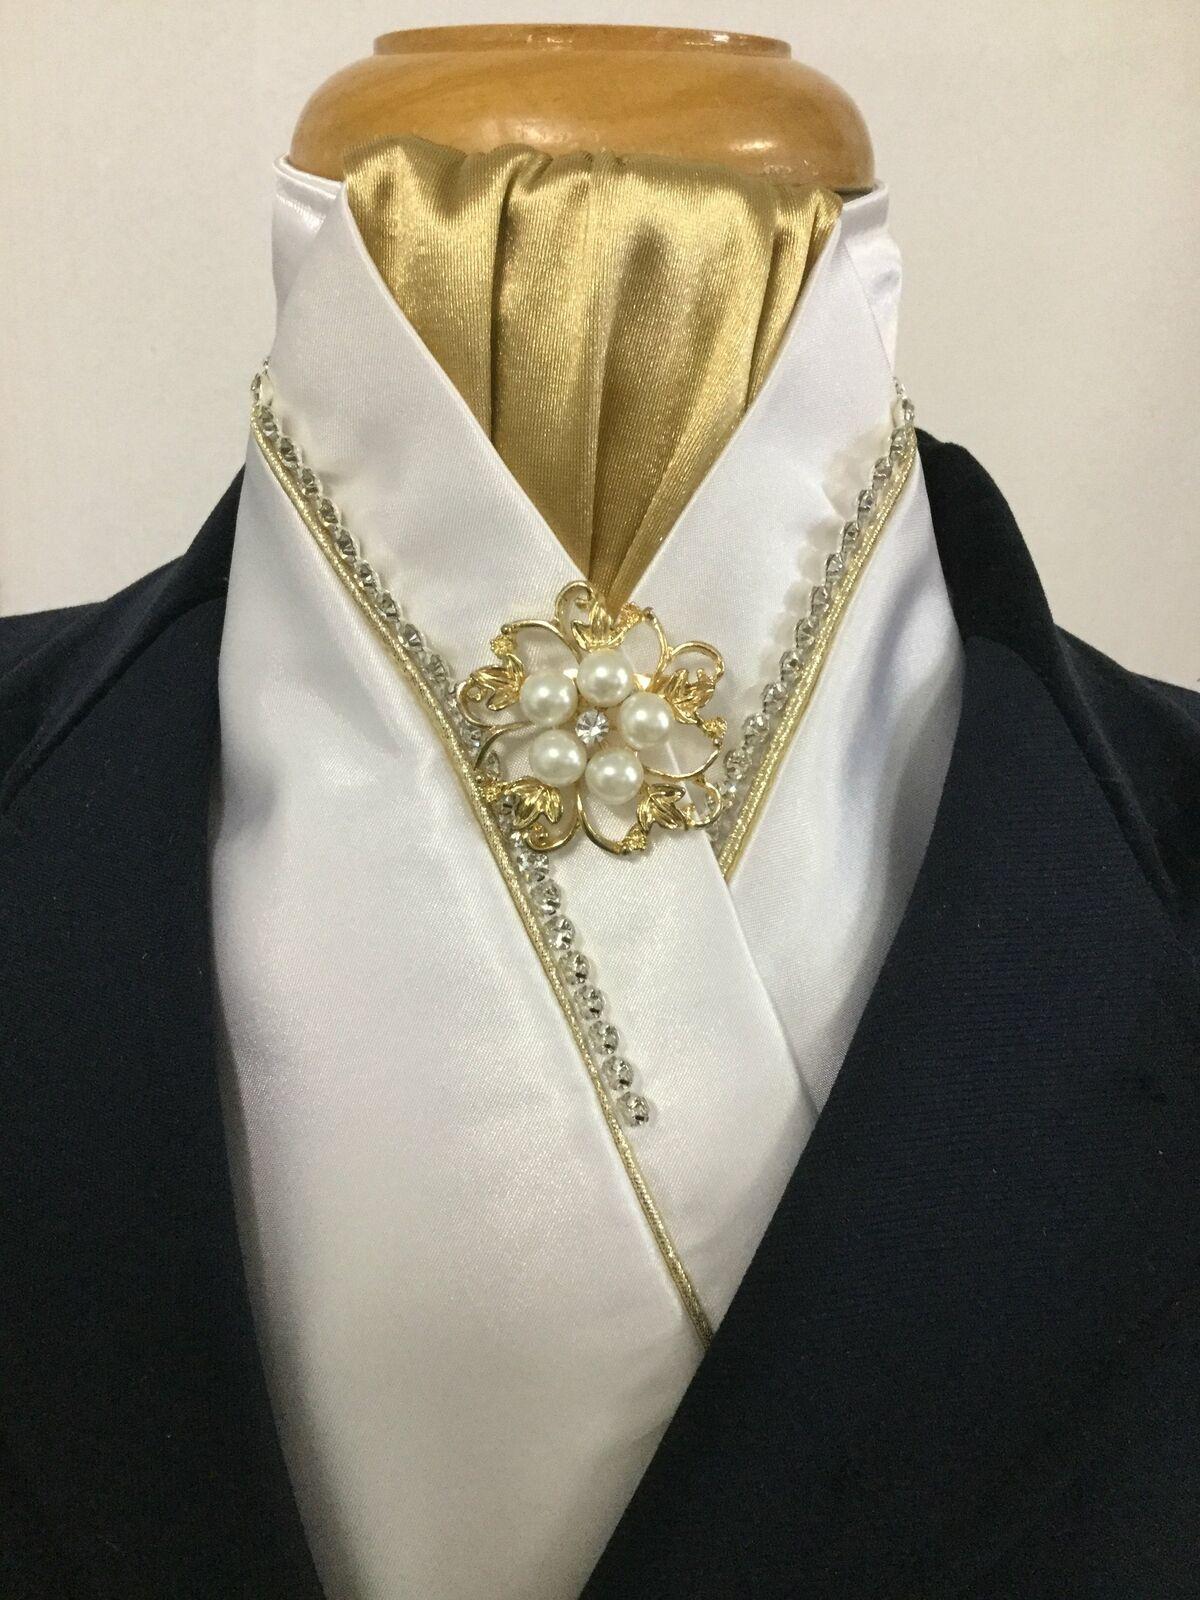 Enfermedad Cochedíaca hipertensiva blancoo y dorado de  diamante de imitación Corbata de Lazo Corbata De Stock  precios mas baratos